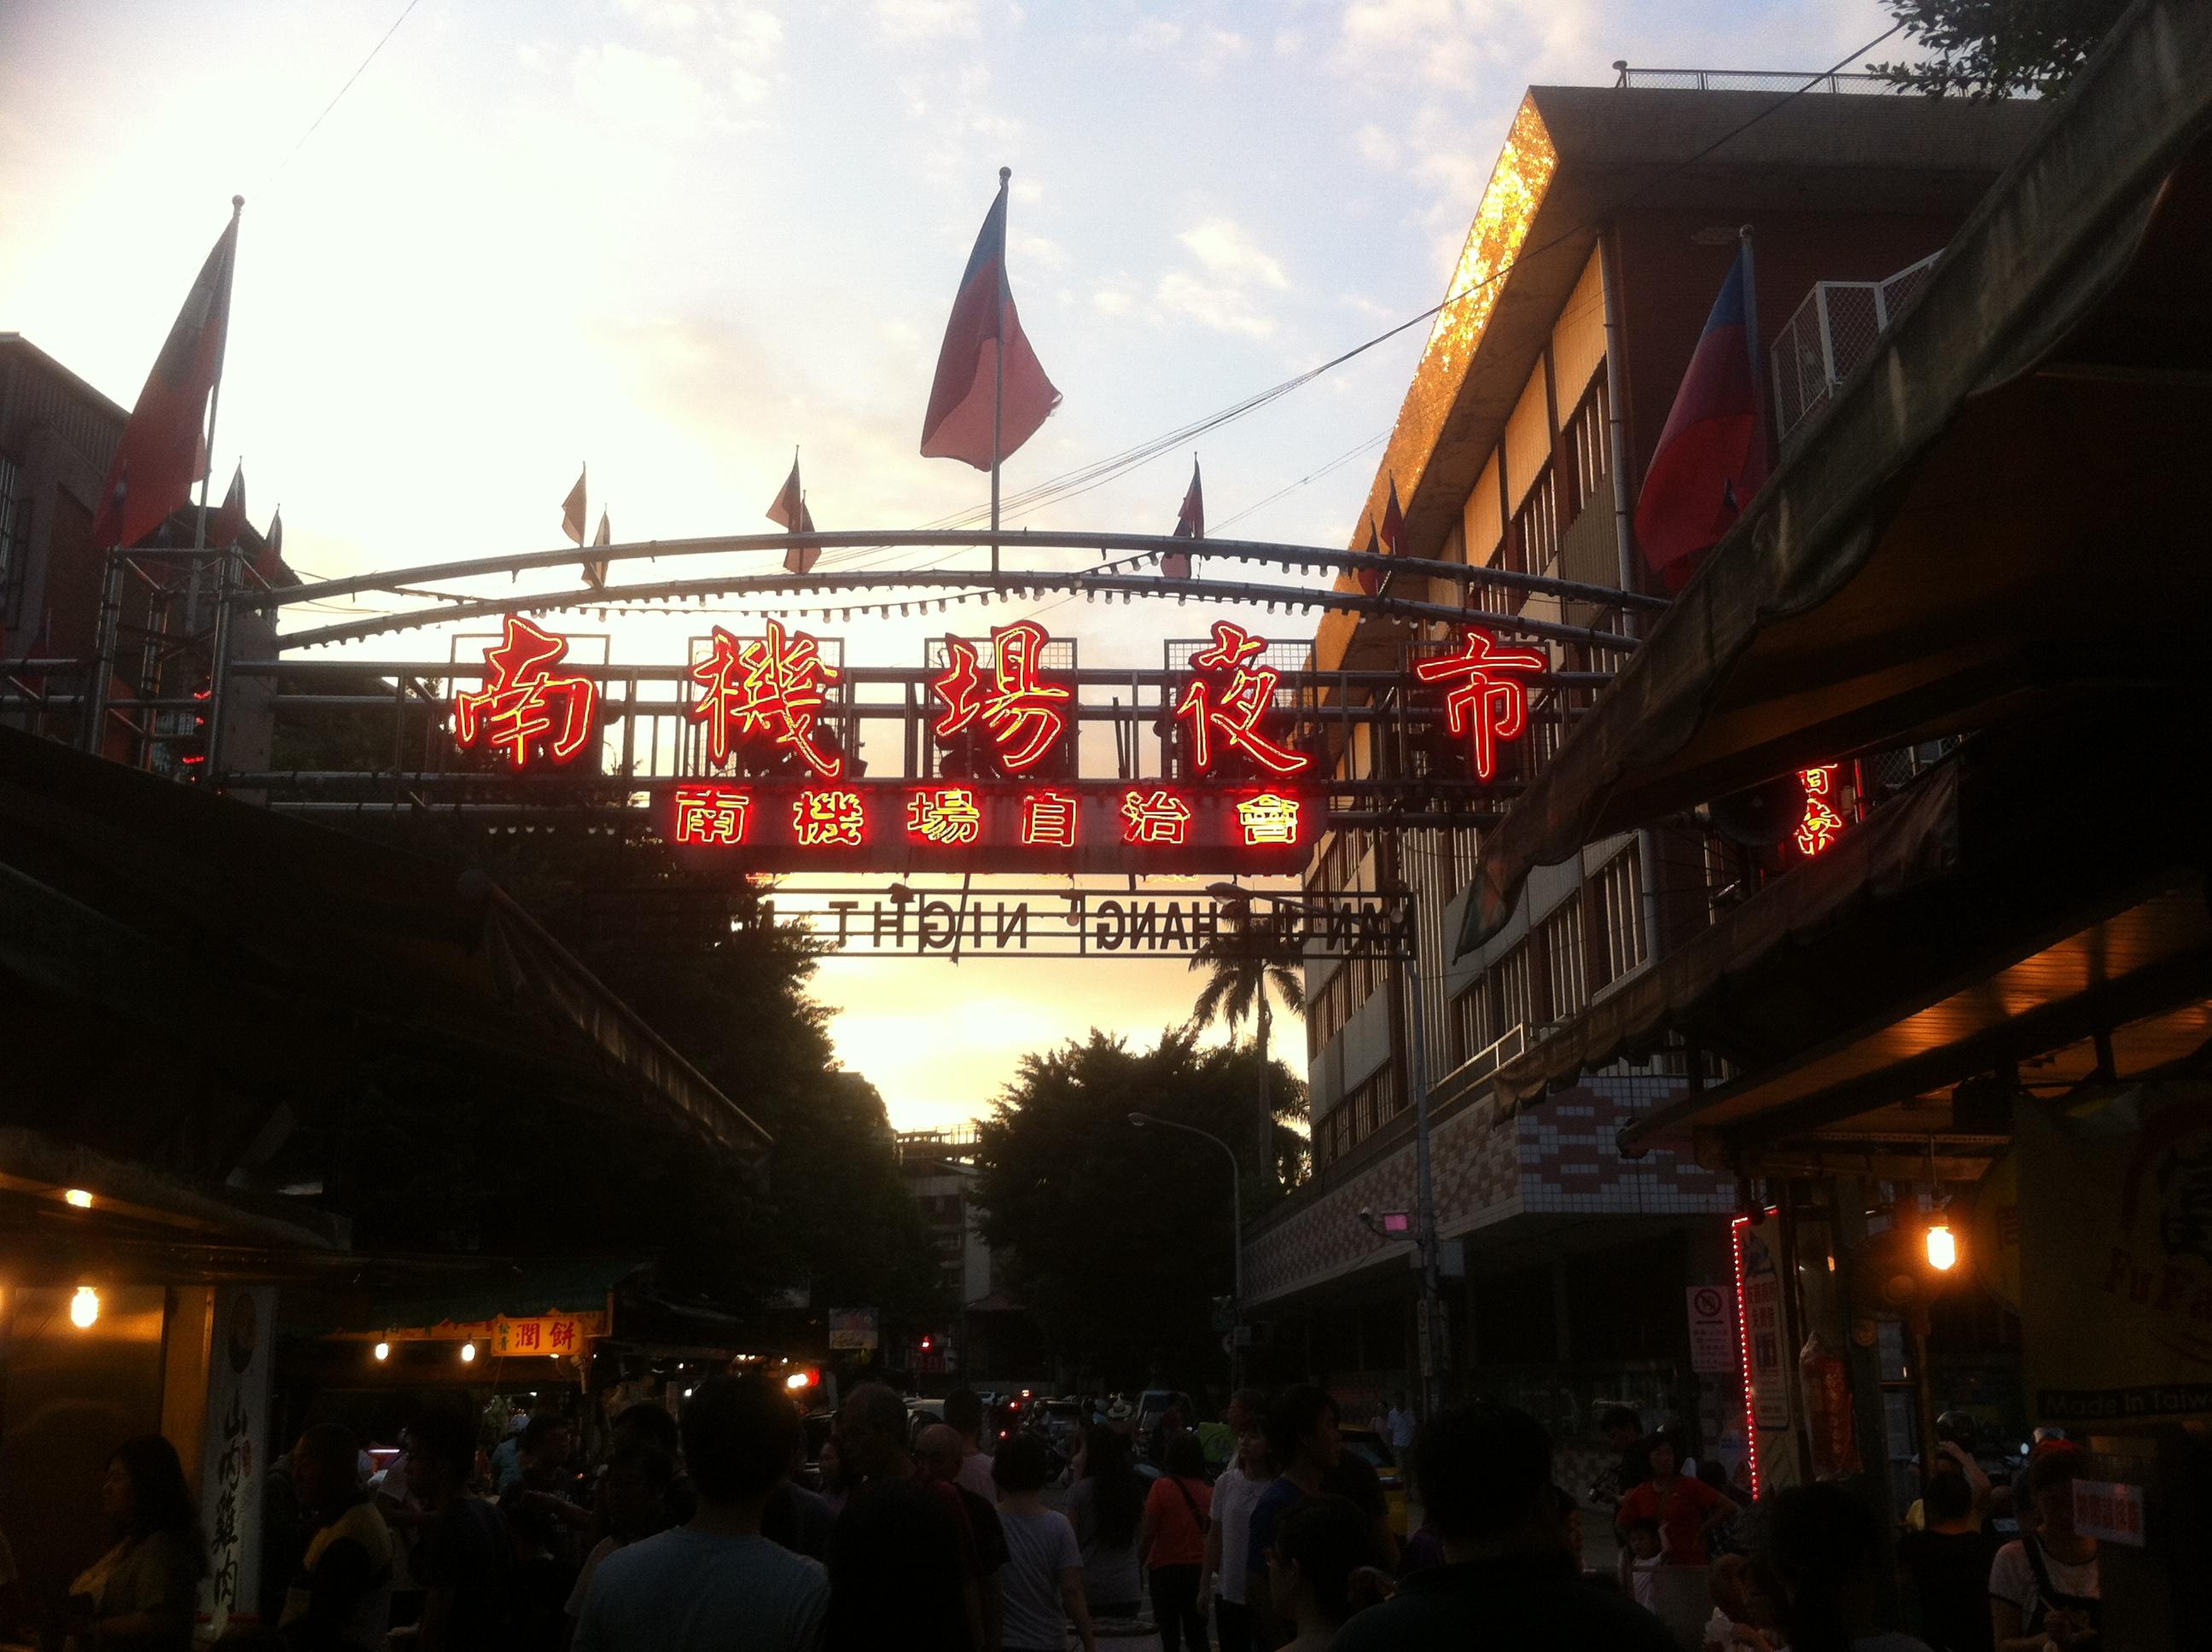 【夜市】南機場夜市は「台湾」を感じる見逃すことのできない夜市だ